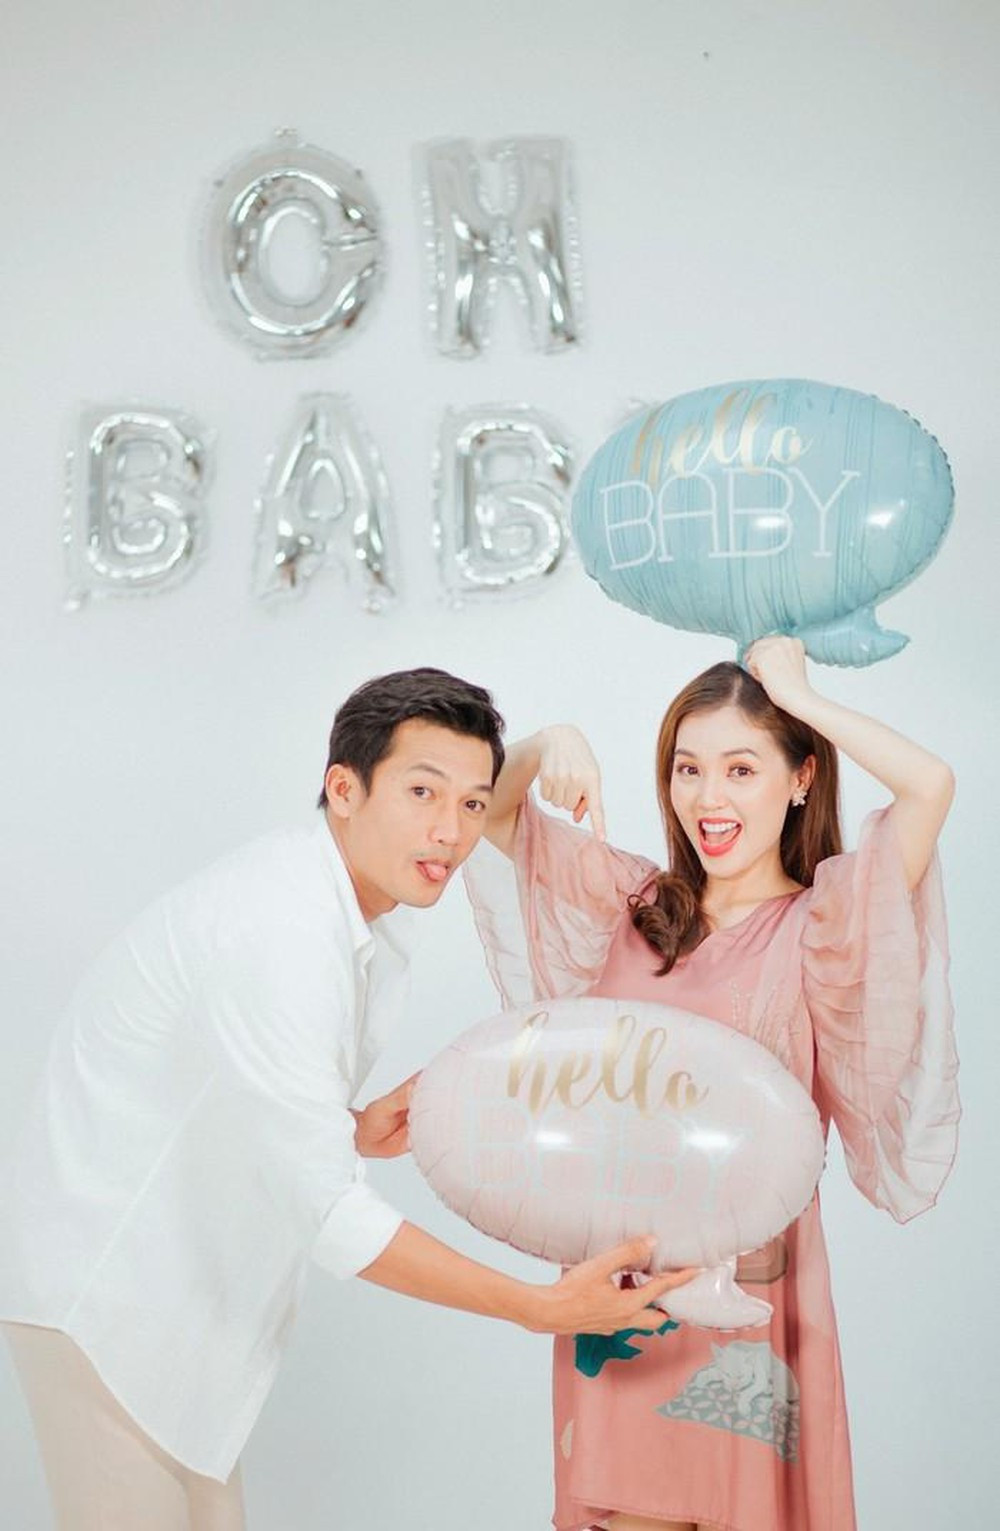 Thầy Huỳnh Thất Sơn Tâm Linh thông báo bà xã mang thai con đầu lòng sau 3 năm kết hôn